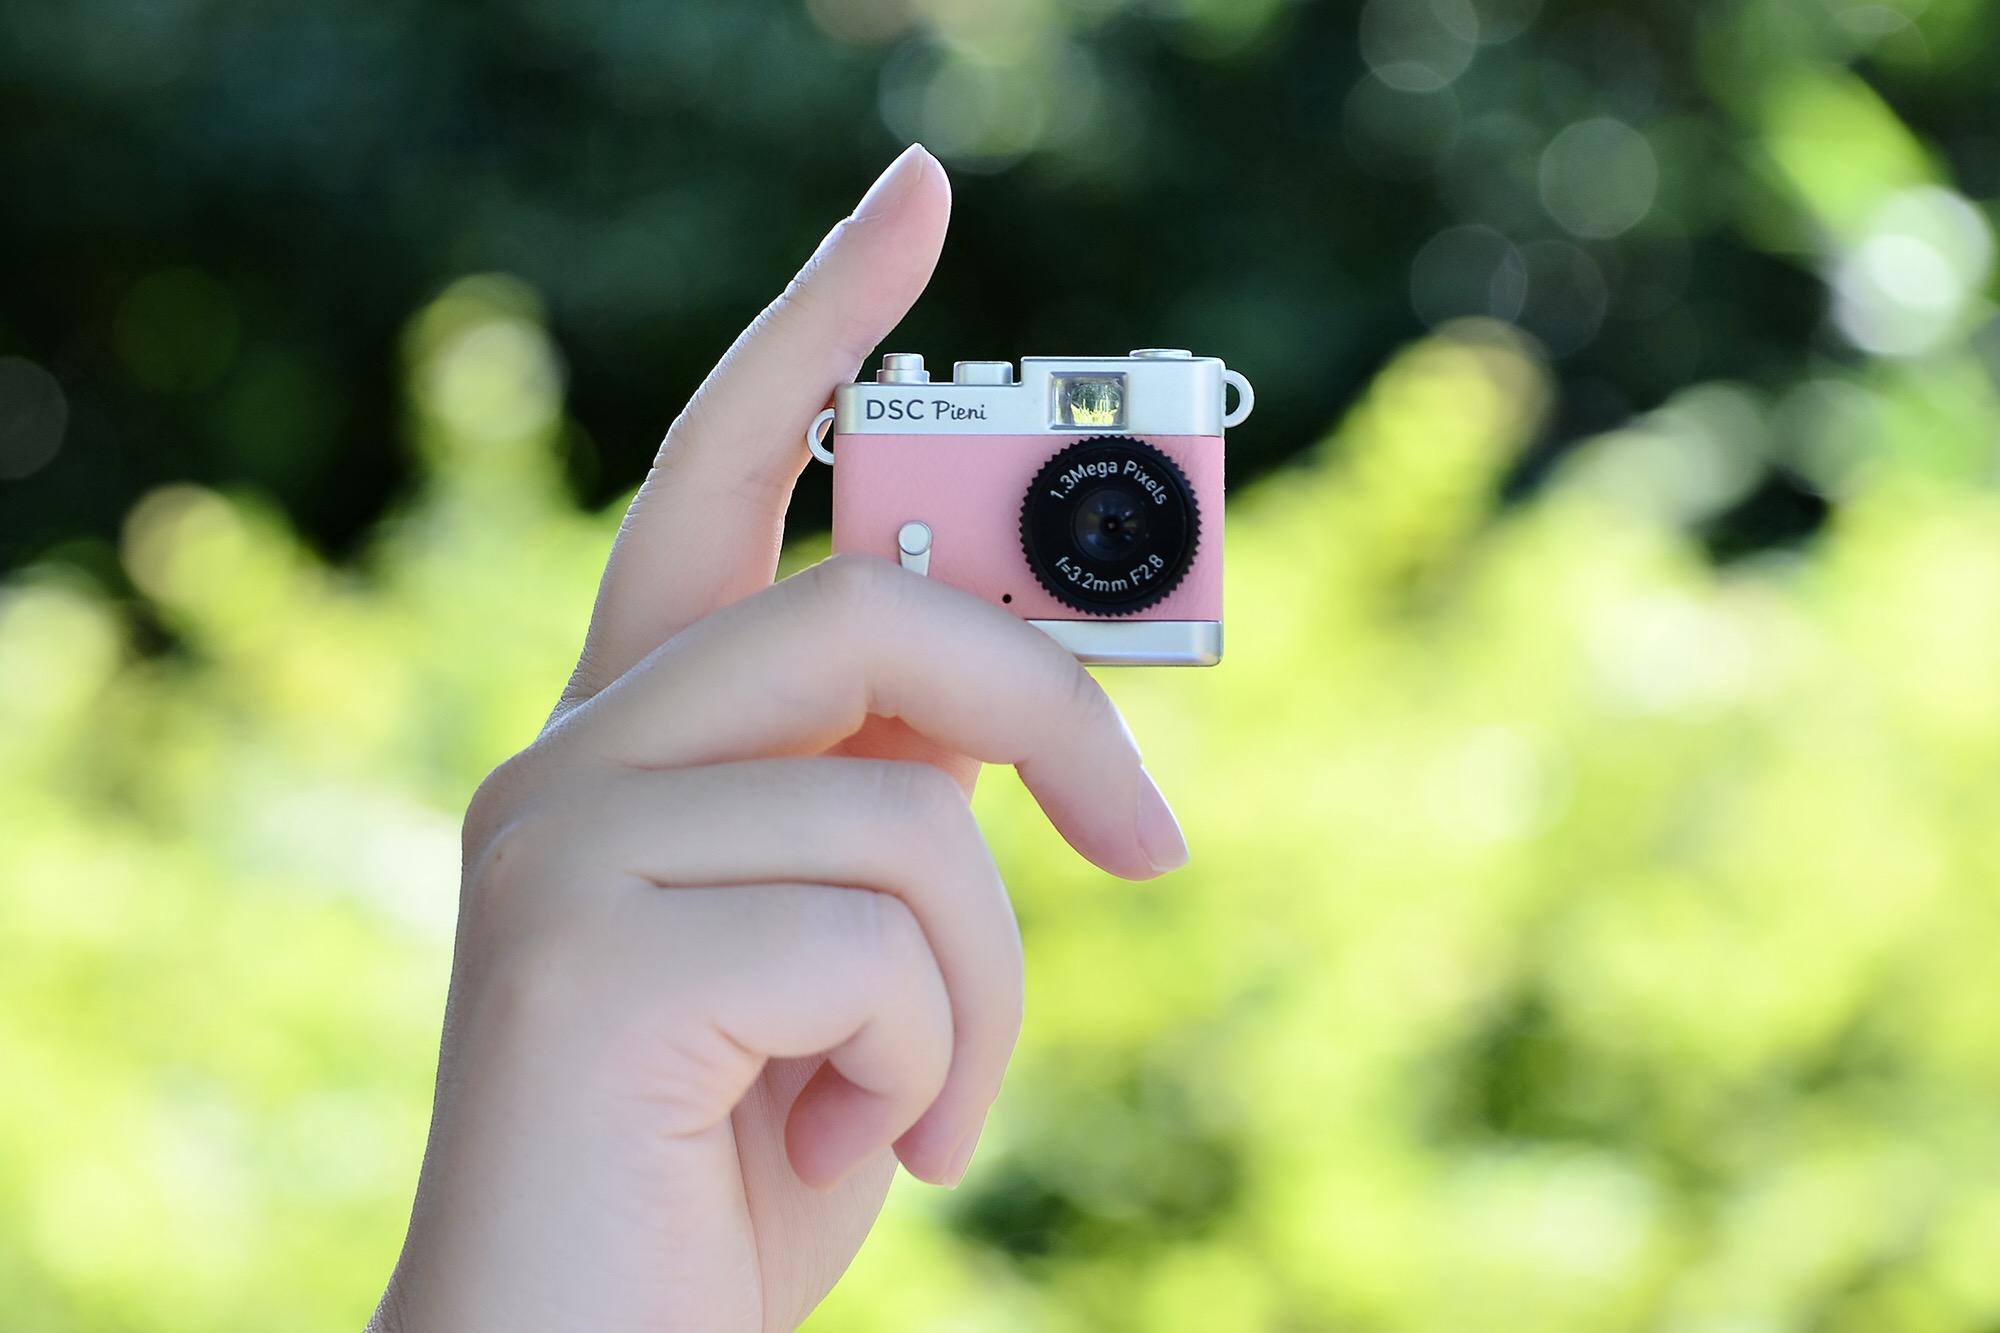 ケンコー クラシックカメラ風トイカメラ-DSC-Pieni_1